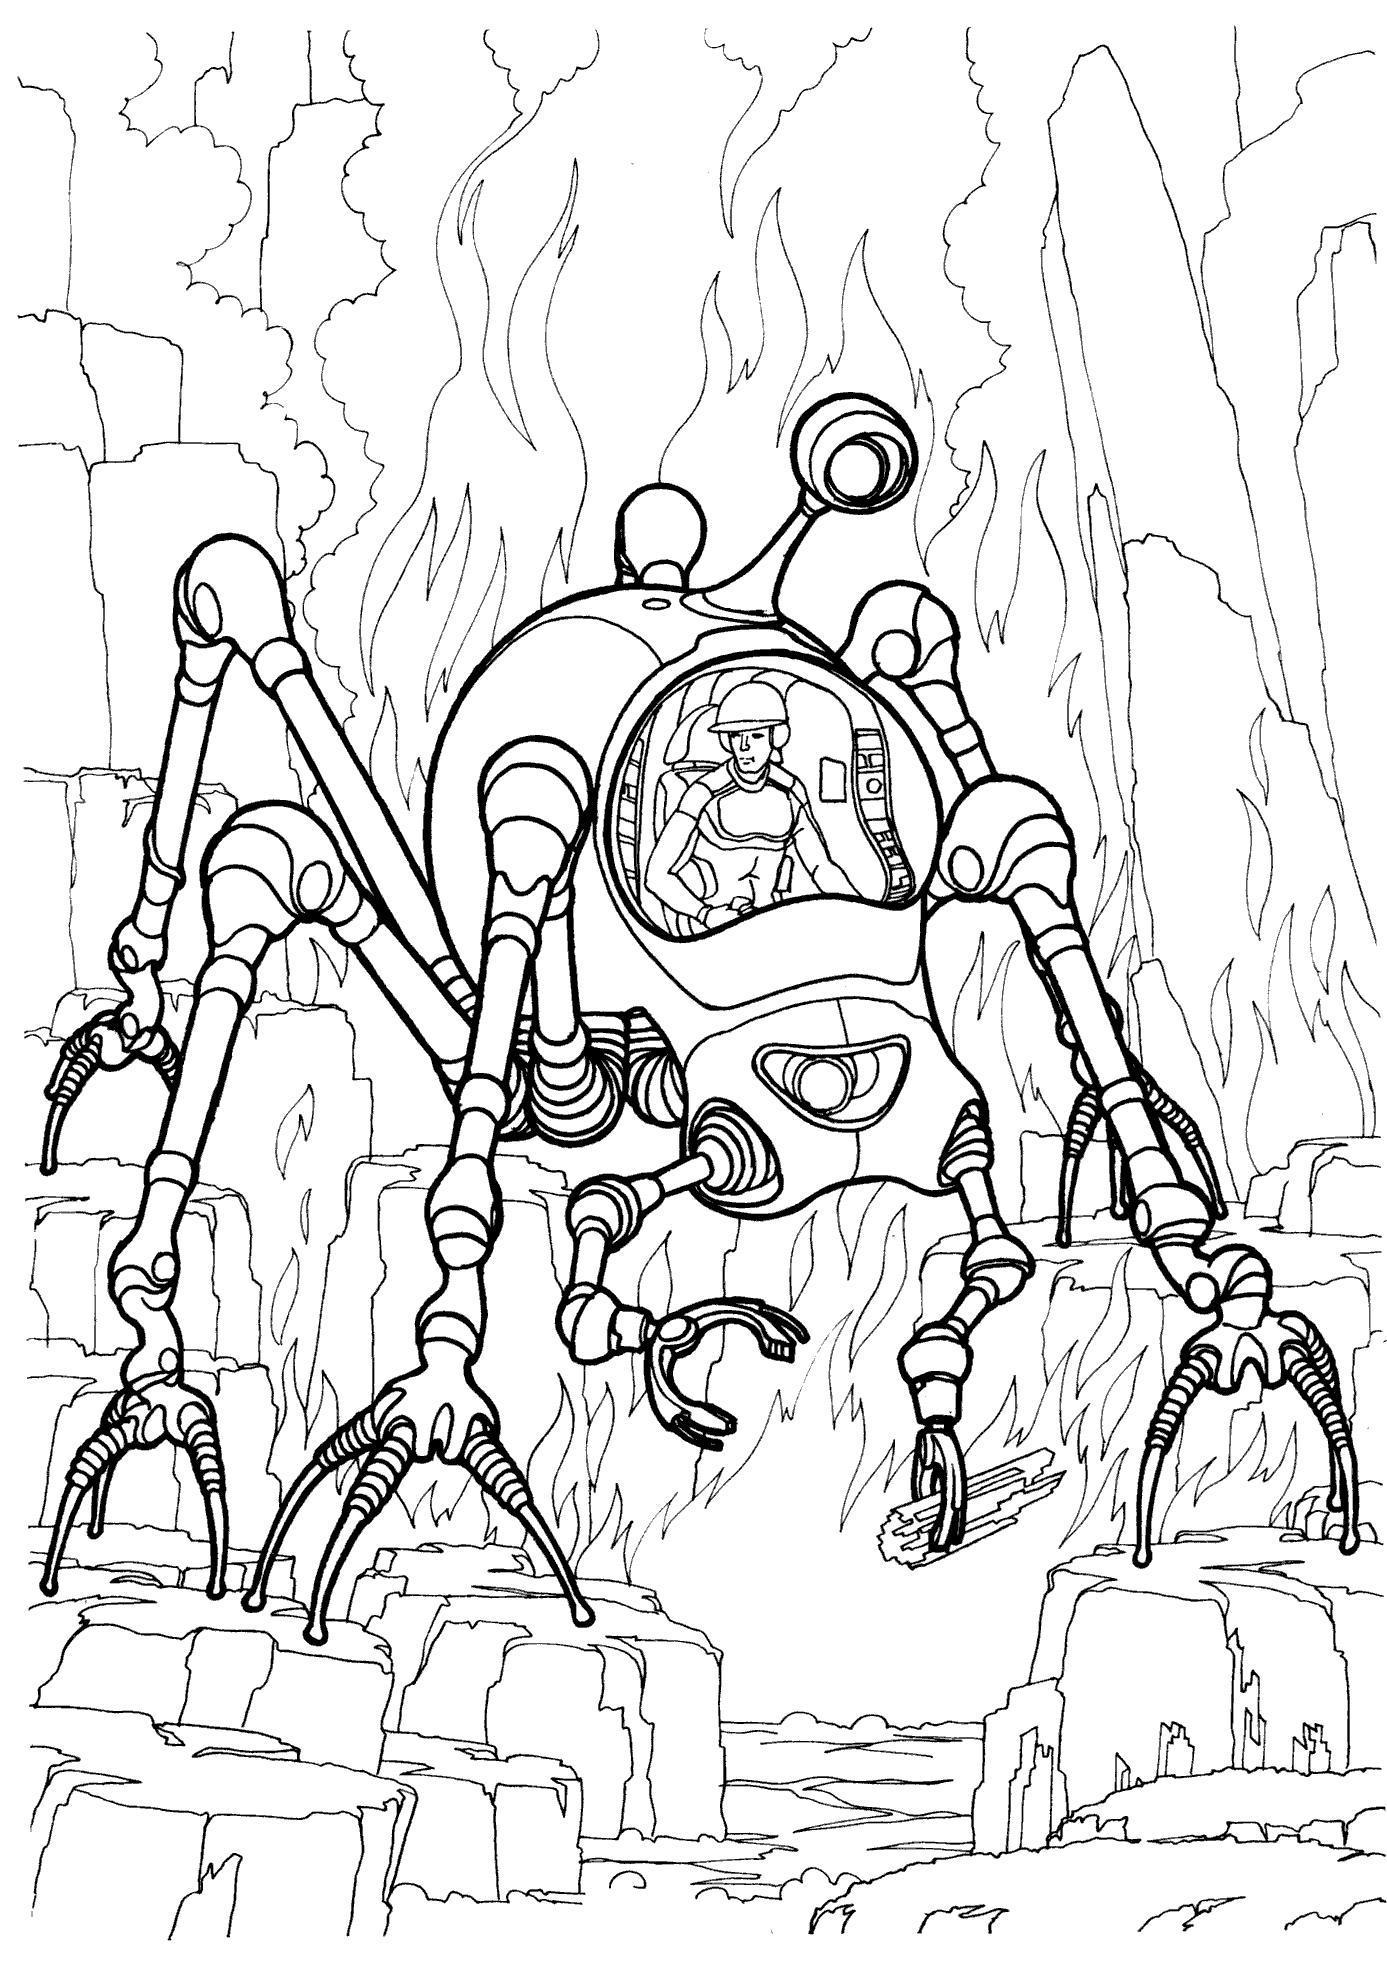 раскраски с космическими кораблями       раскраски на тему космические корабли для детей.  Интересные раскраски с космическими кораблями для мальчиков и девочек.